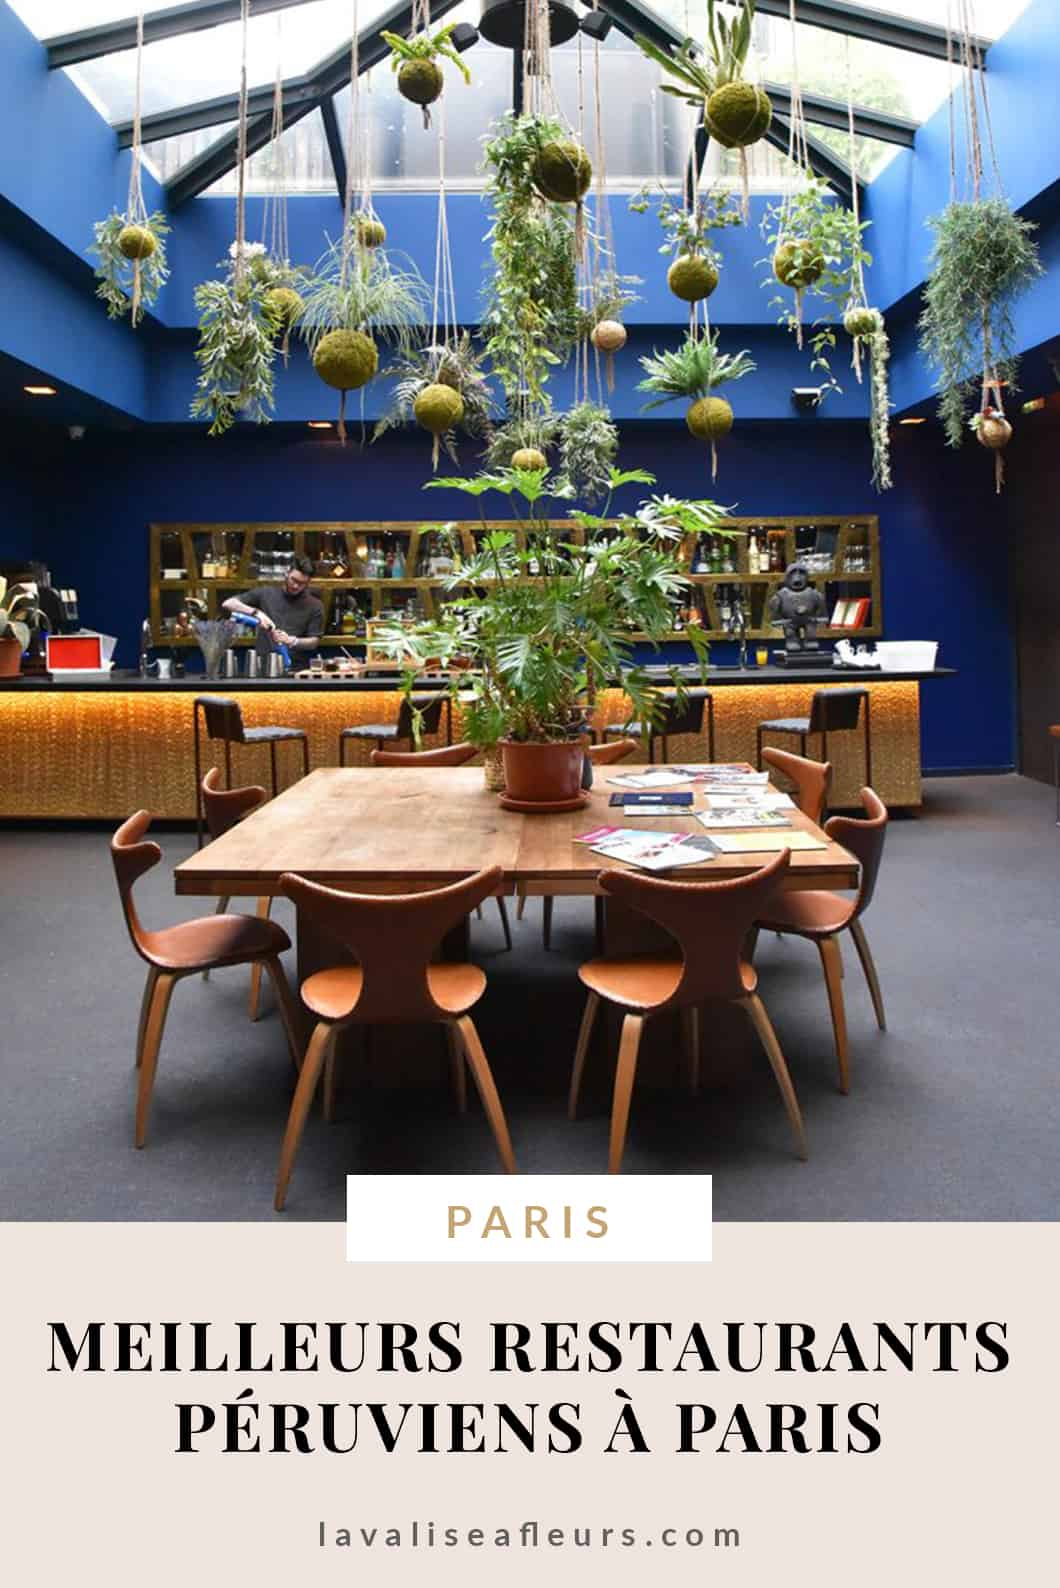 Les meilleurs restaurants péruviens de Paris